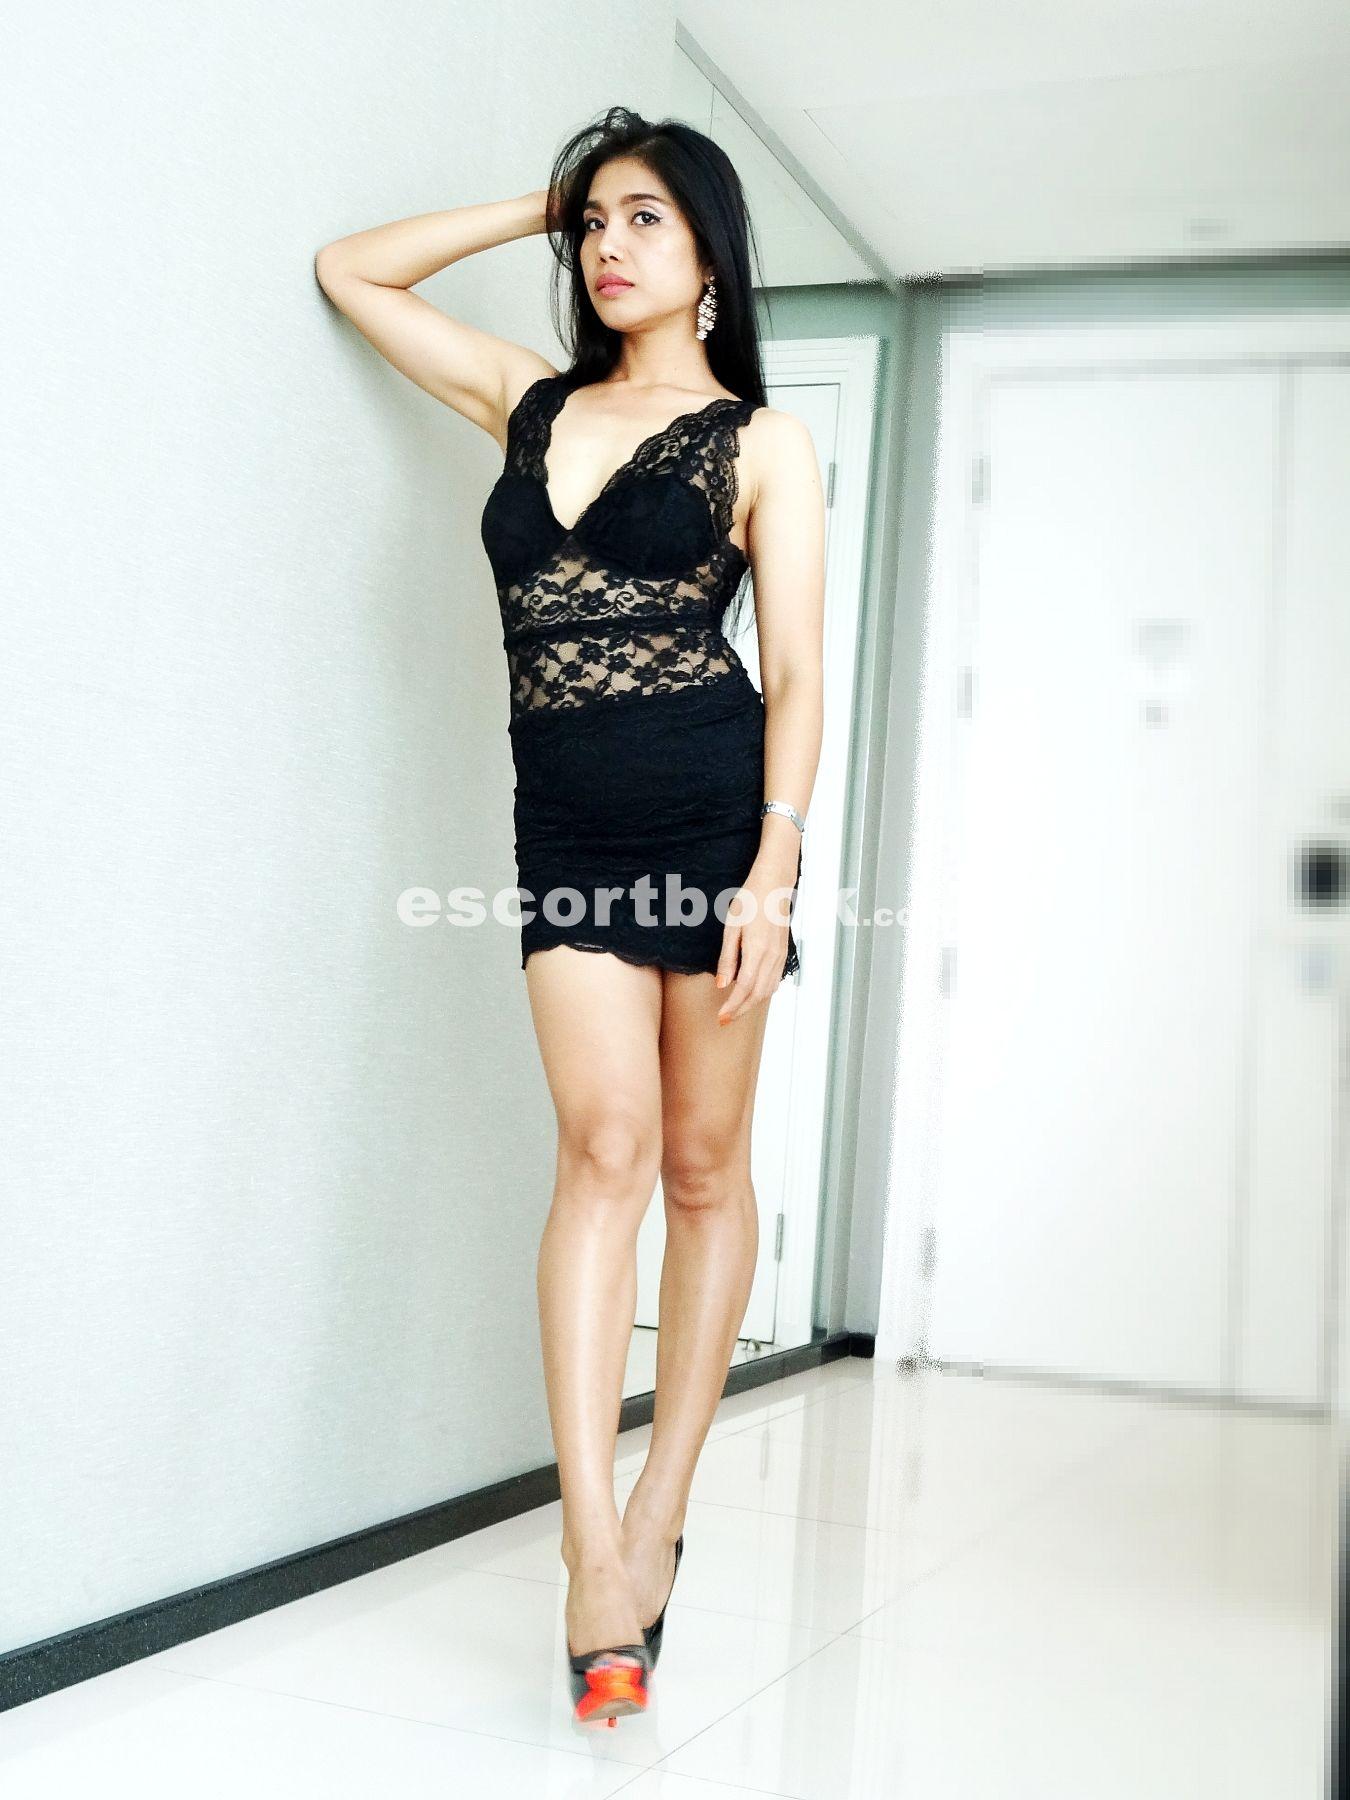 online escort service naughty thai massage